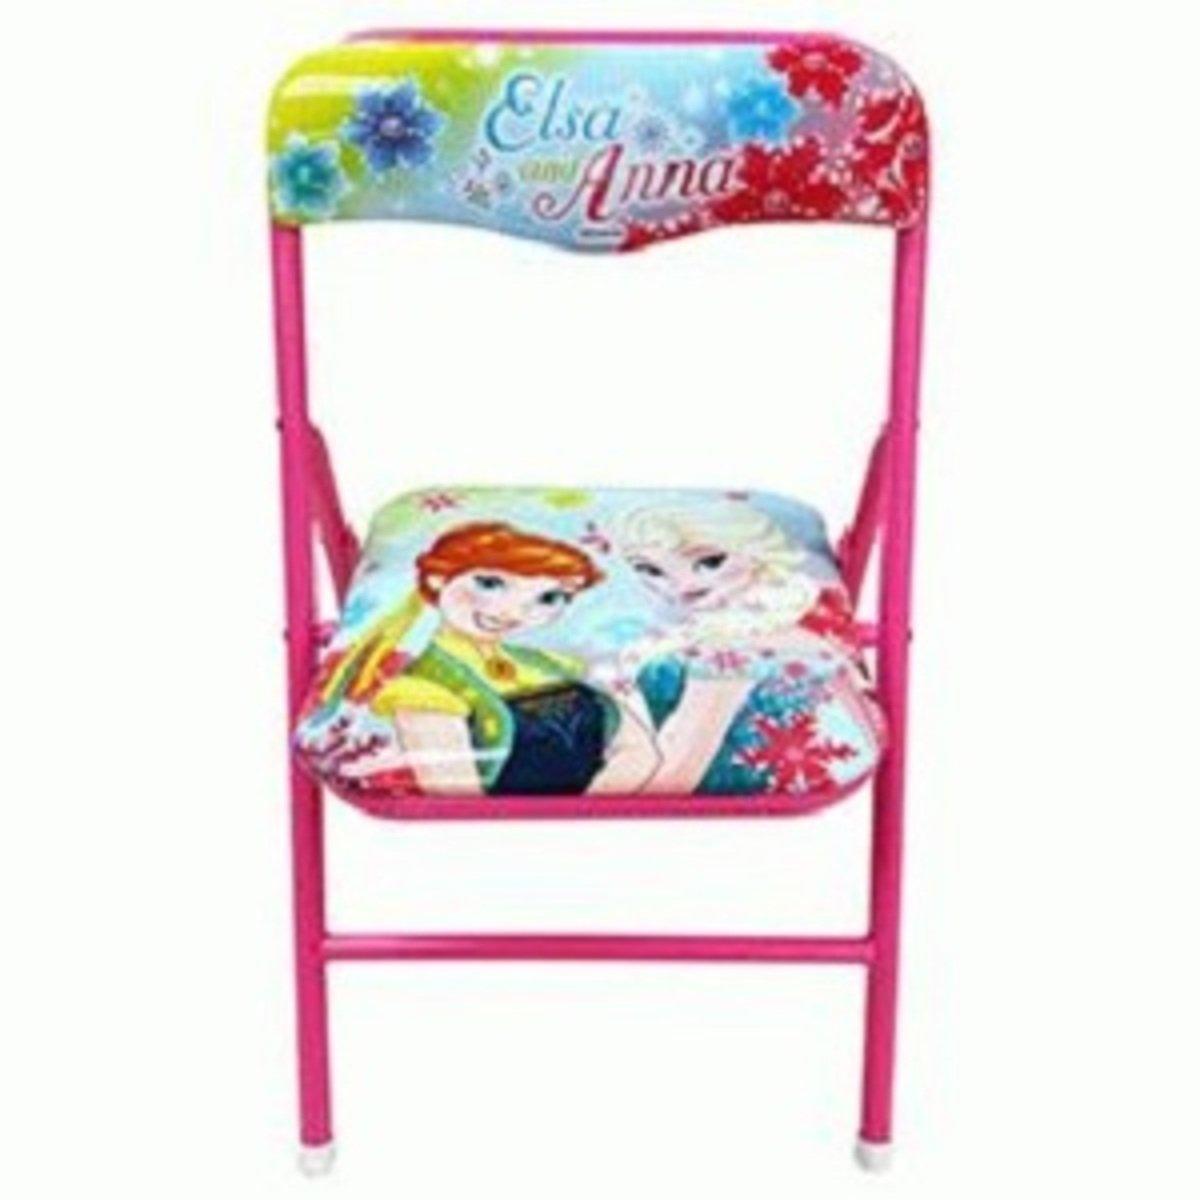 Frozen Fever深粉紅色摺椅